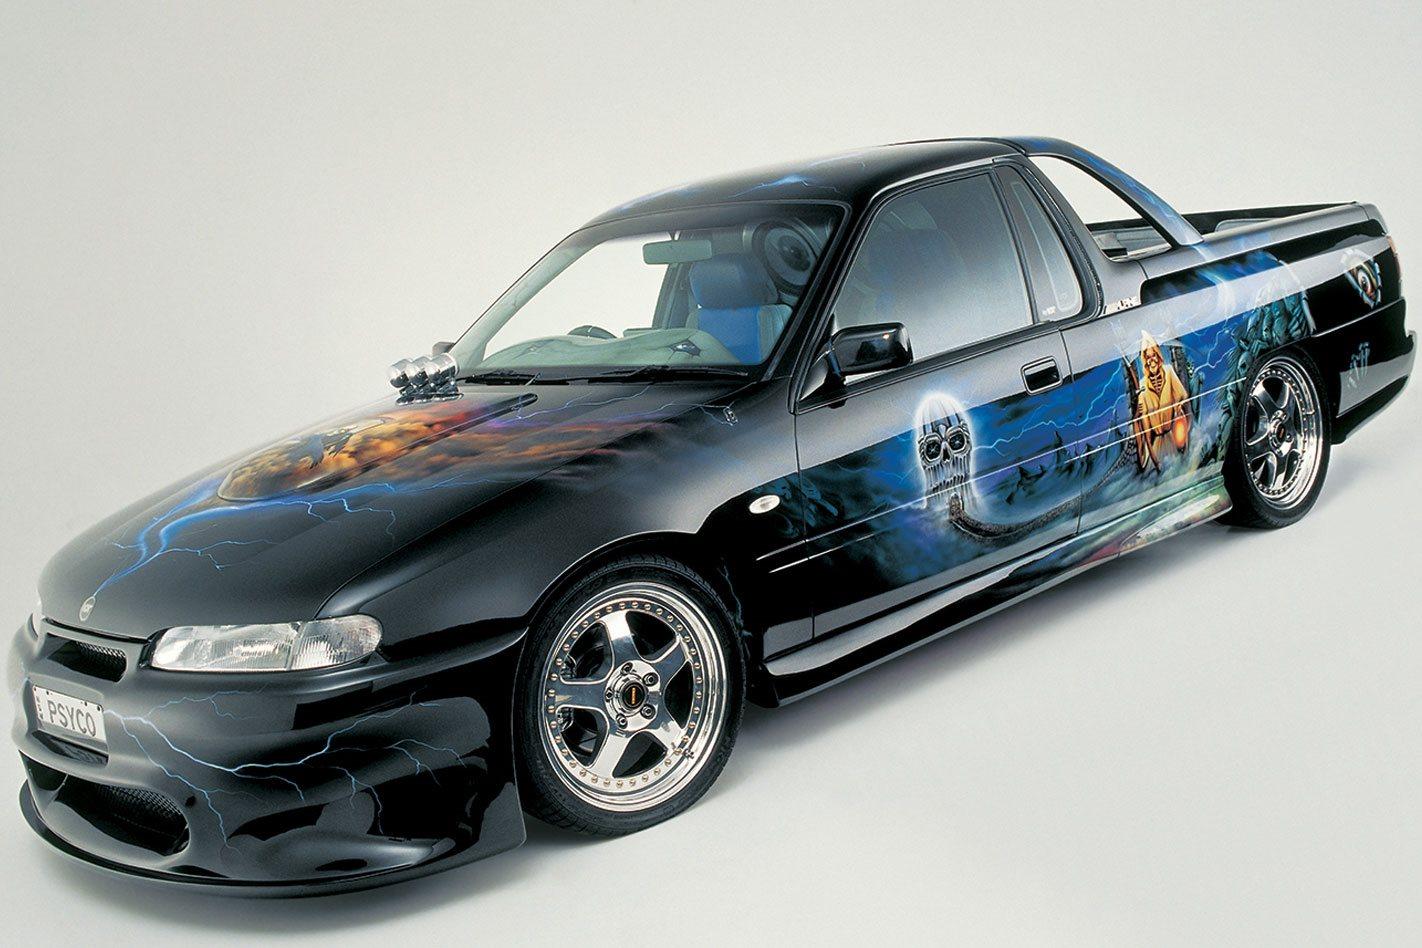 For Sale Award Winning Psyco Holden Vs Ute Street Machine